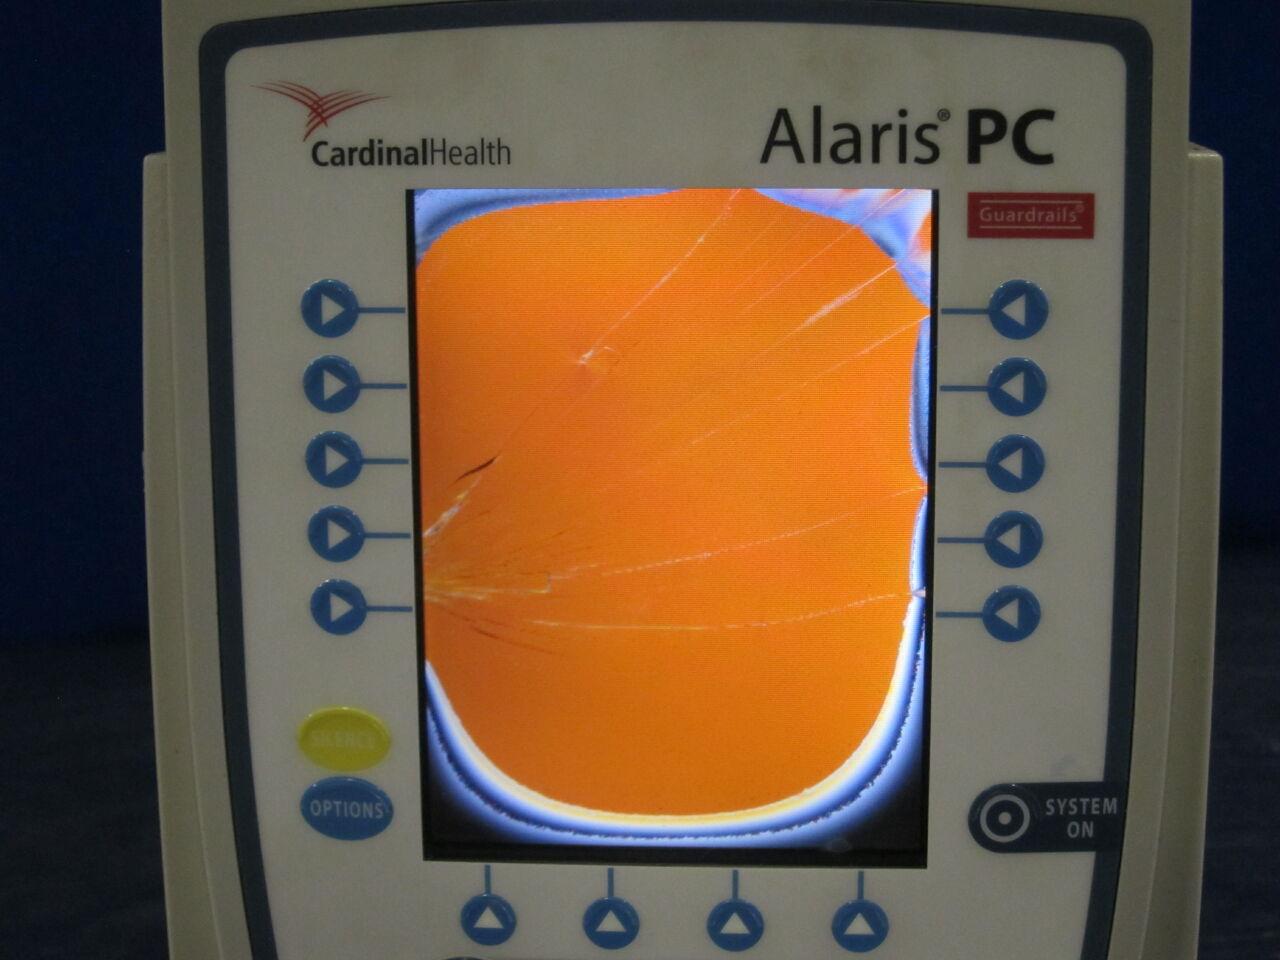 CARDINAL HEALTH Alaris PC Pump IV Infusion